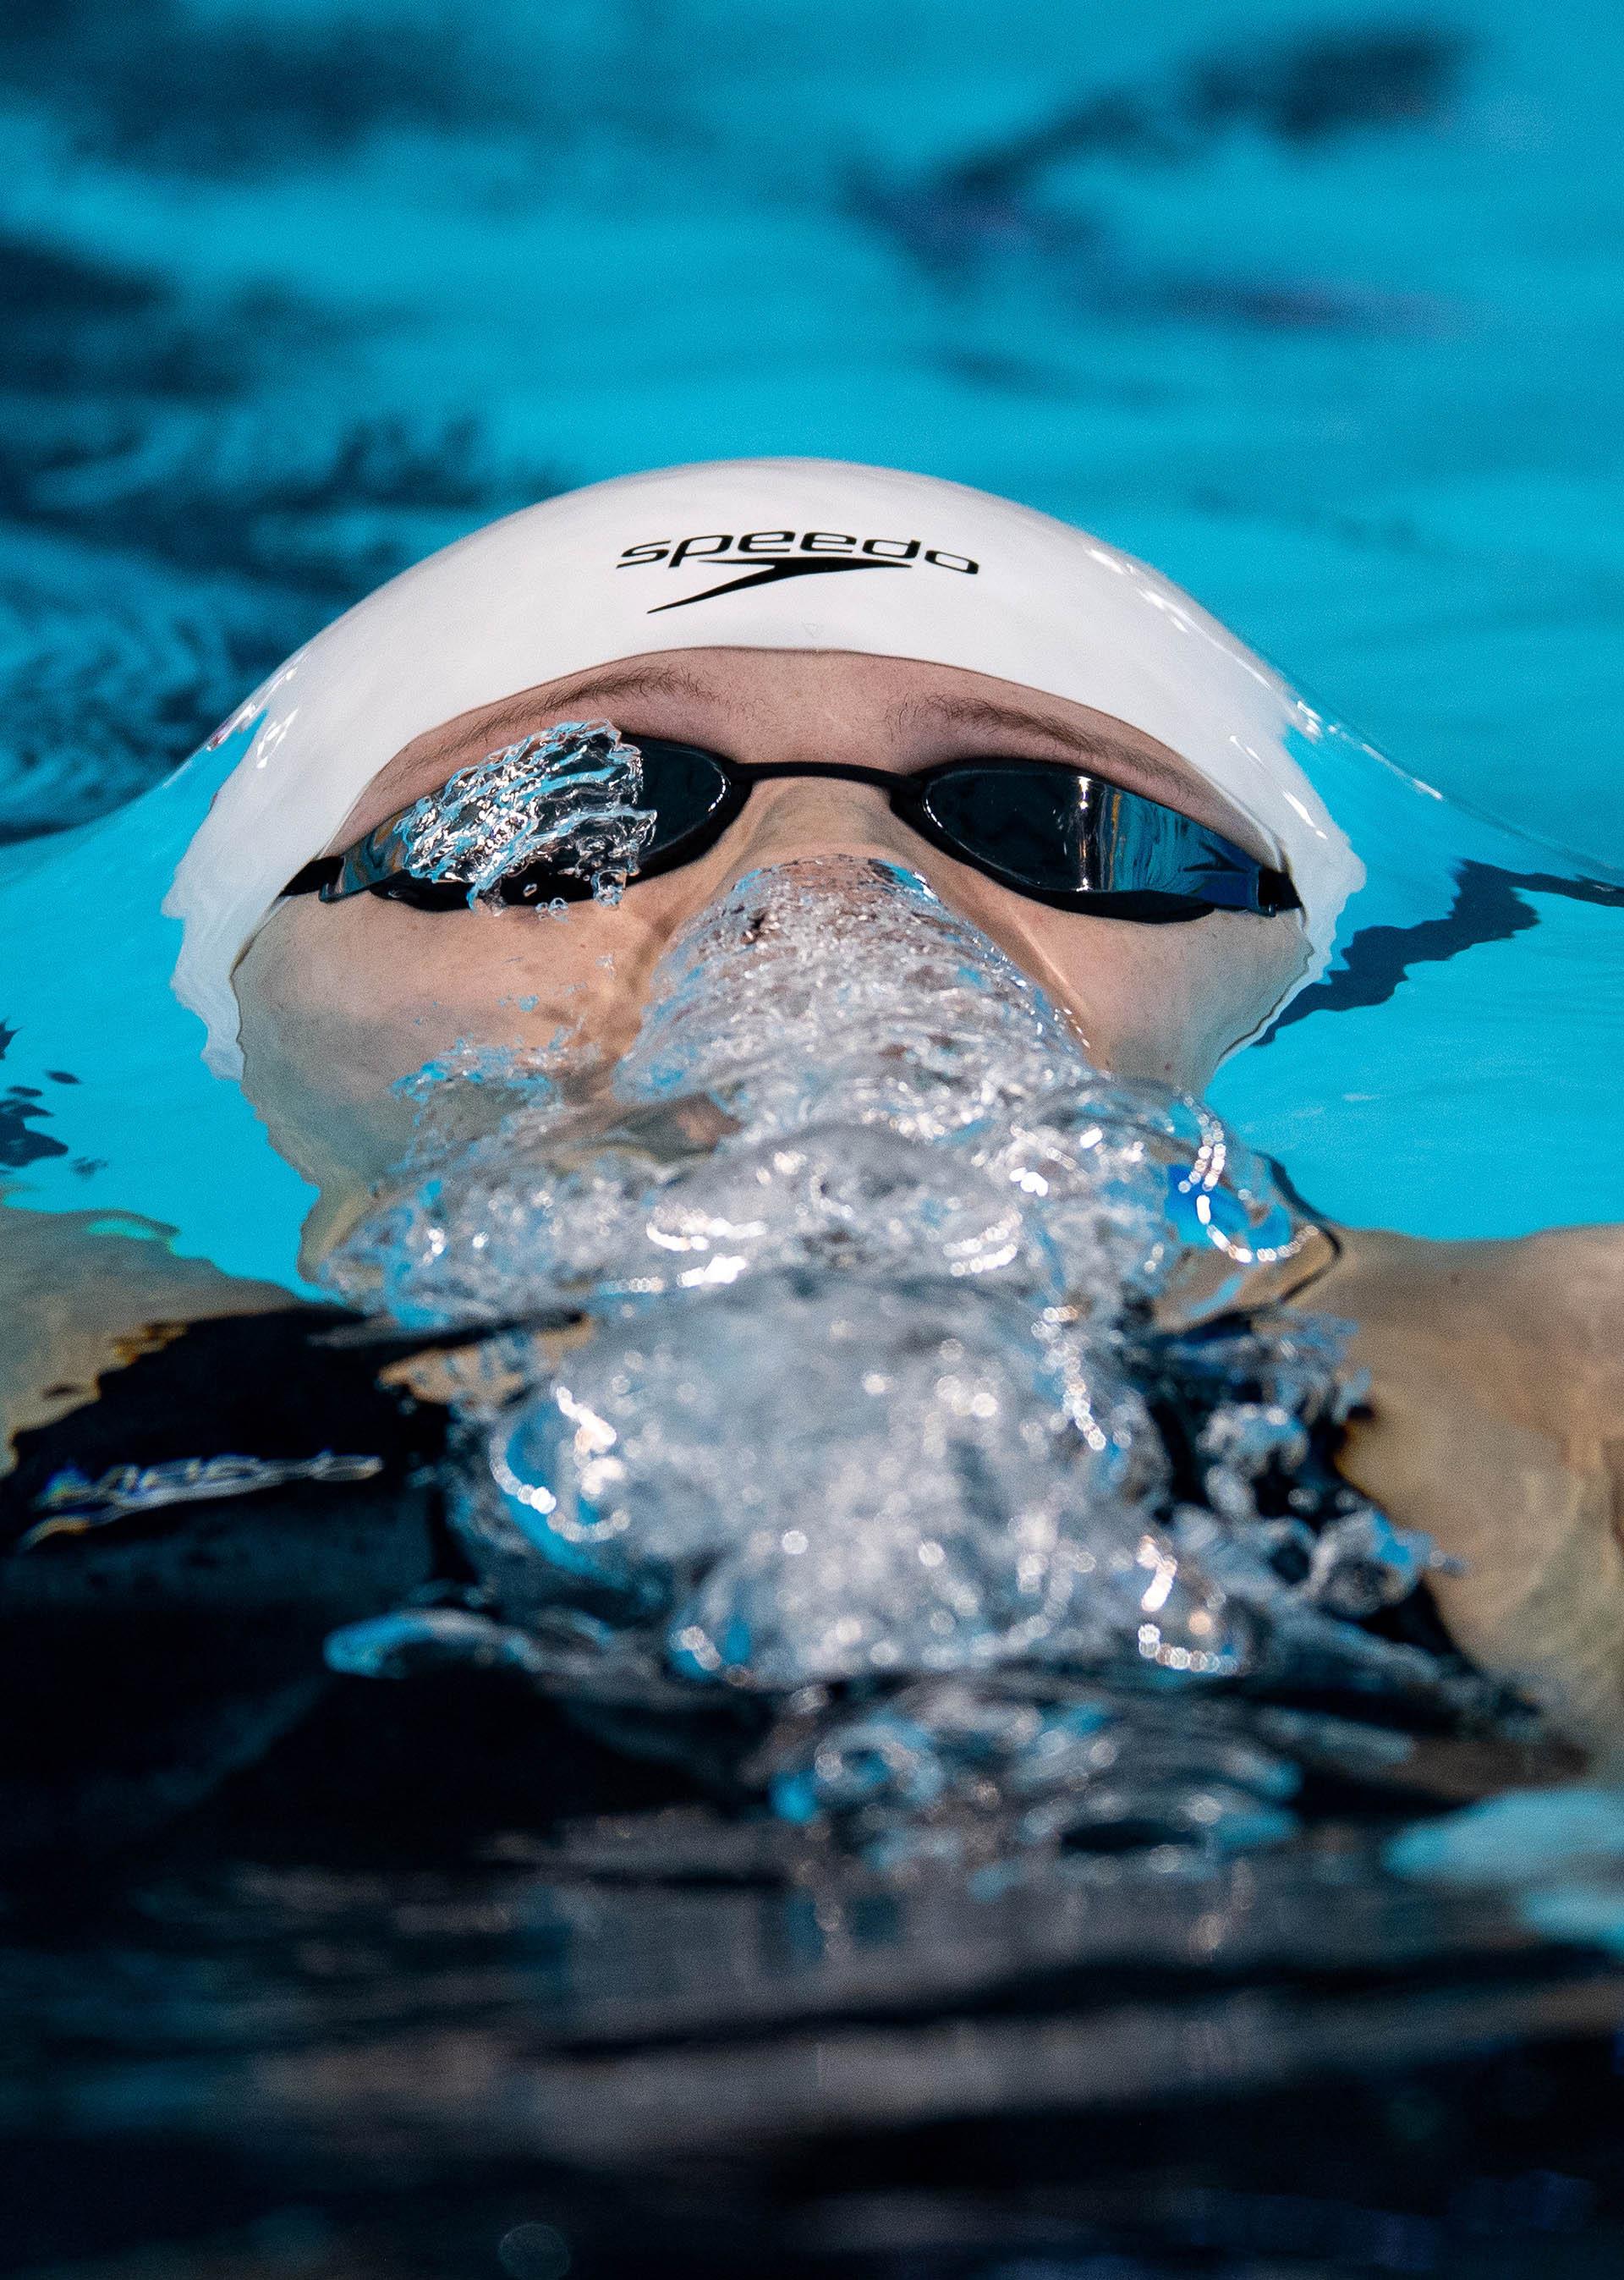 El canadiense Madison Broadfue uno de los protagonistas en el natatorio del Parque Olímpico (Foto:REUTERS)